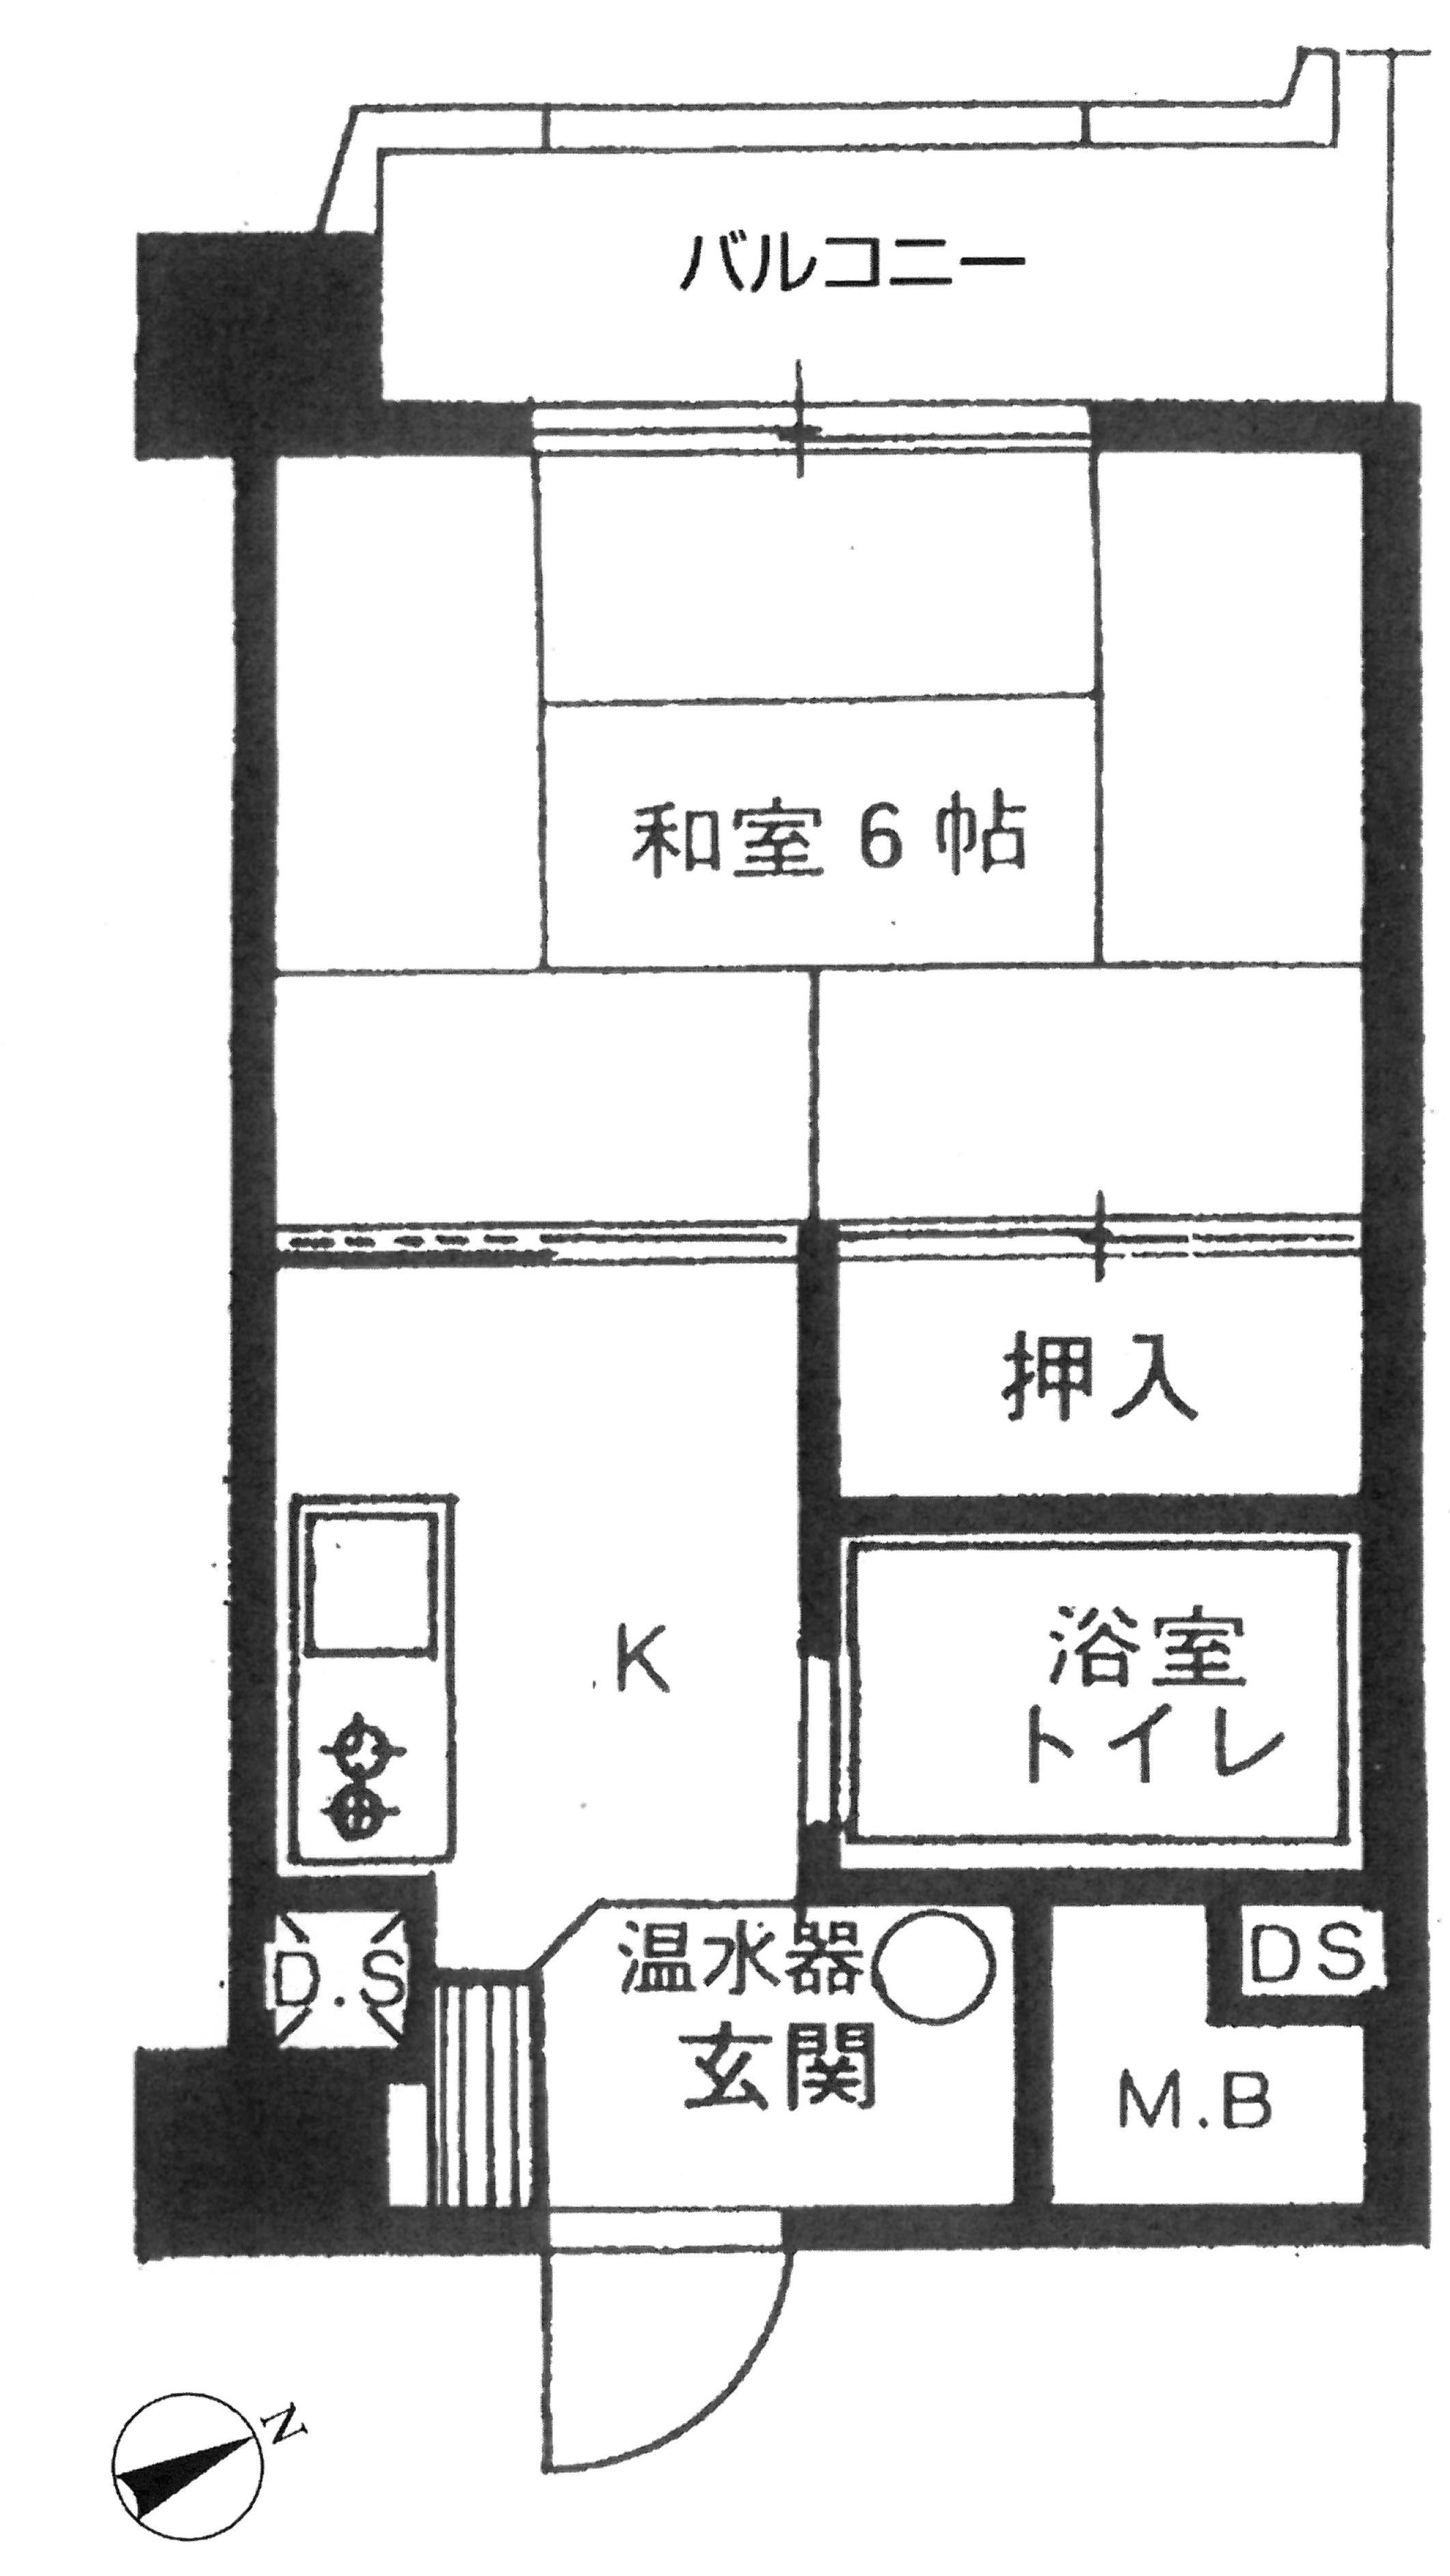 三田高島平第三コーポ☆オーナーチェンジ物件☆実質利回り7.96%☆管理体制良好☆